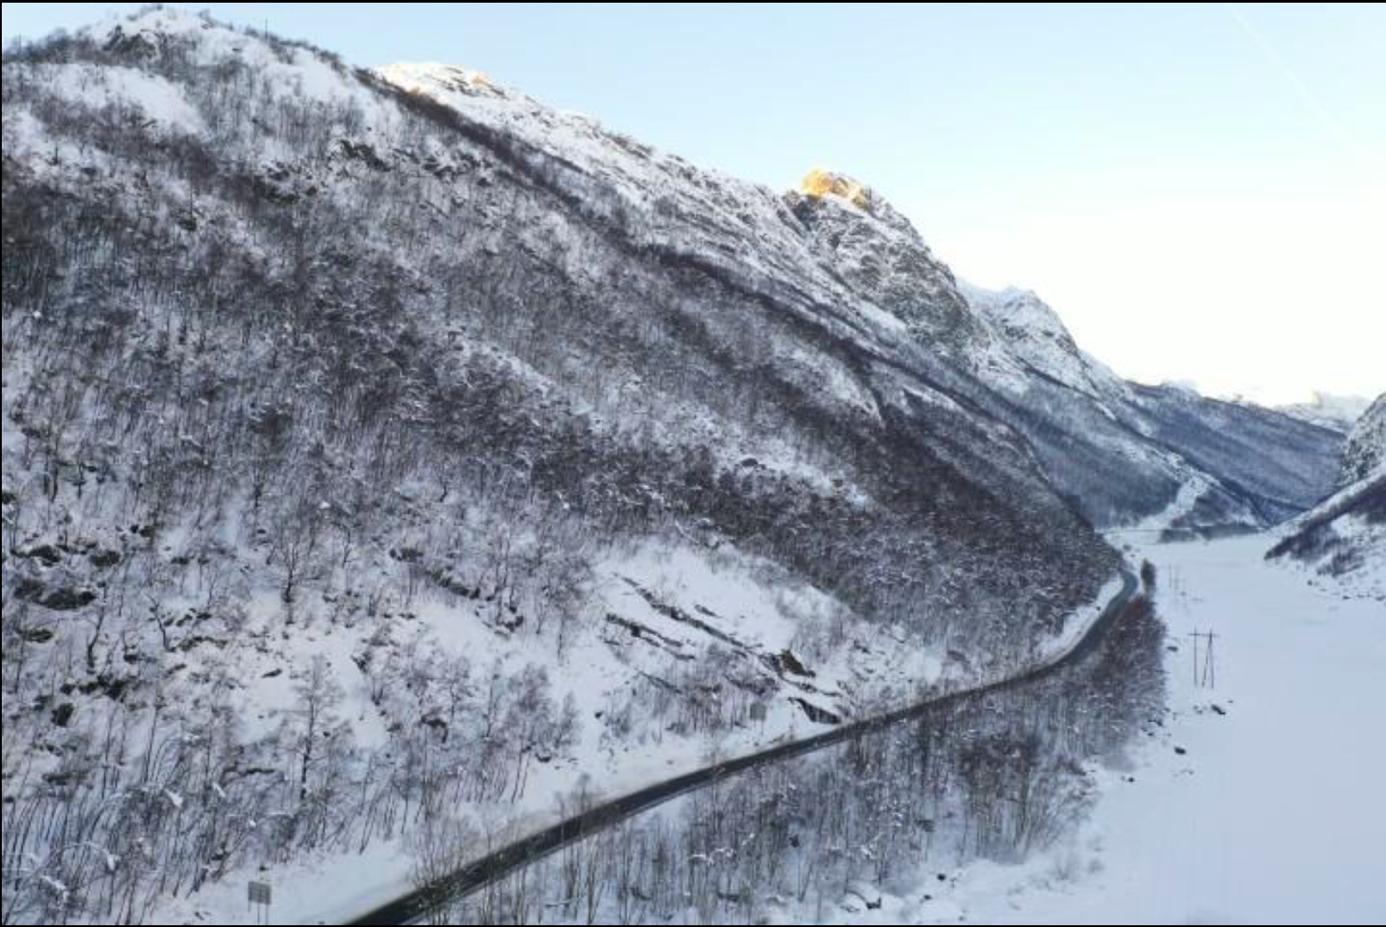 Et bilde som inneholder snø, utendørs, gå på ski, fjell  Automatisk generert beskrivelse